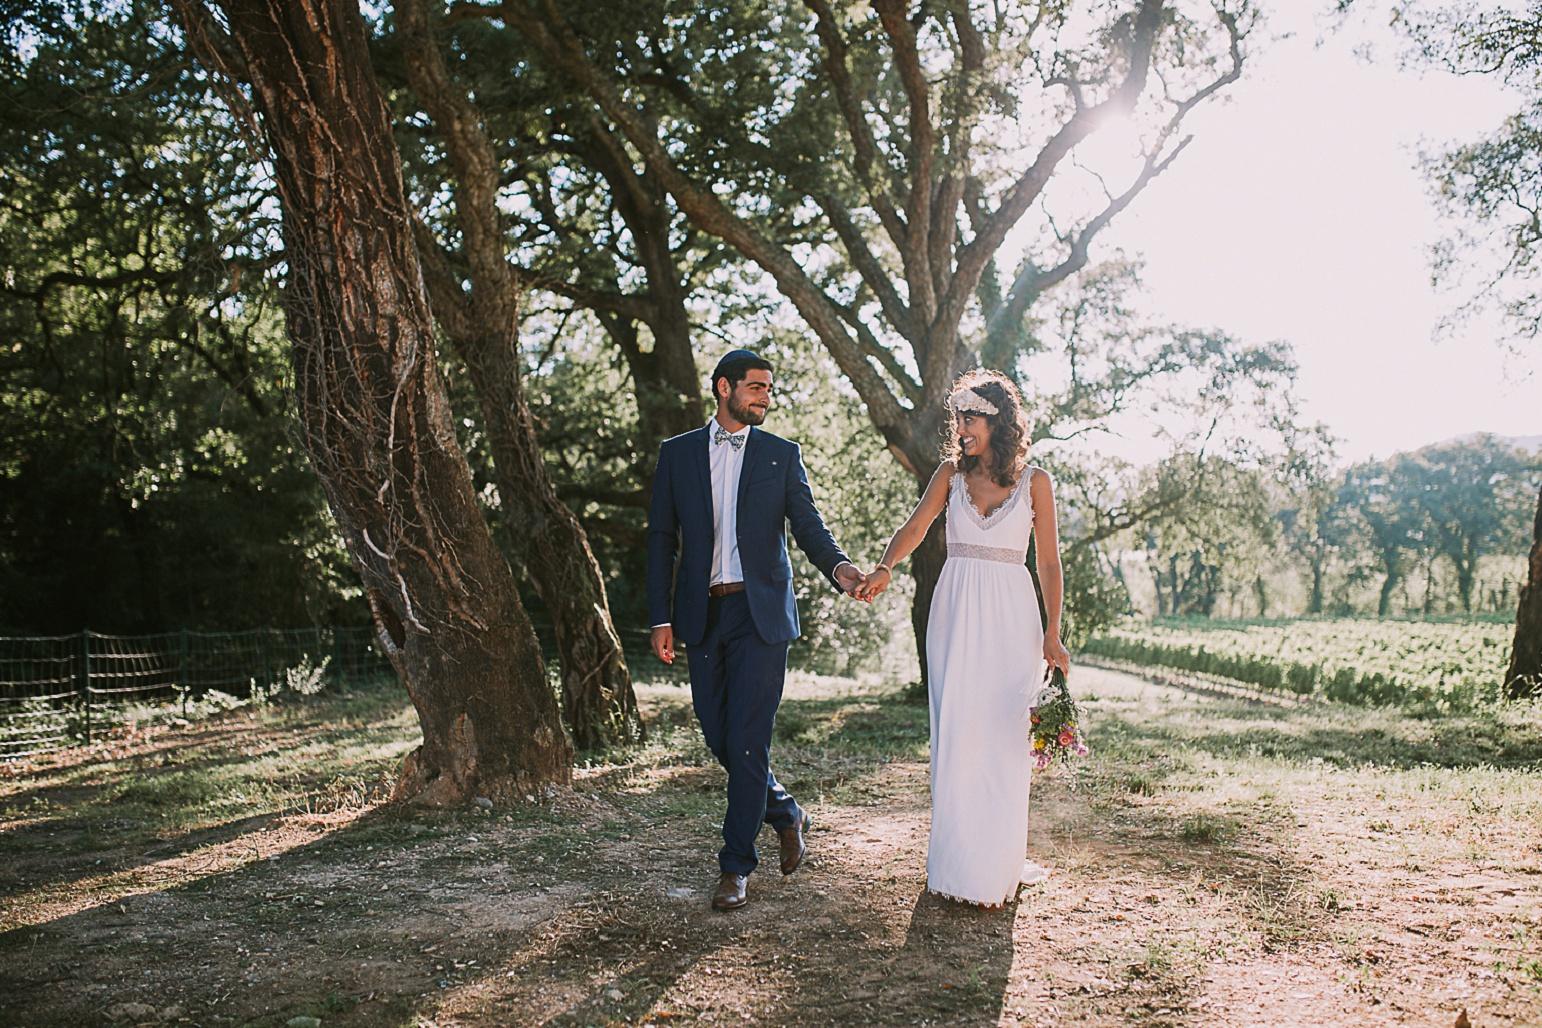 kateryna-photos-mariage-couple-chateau-maime-aix-nice-provence-wedding-arcs-sur-argens_0096.jpg